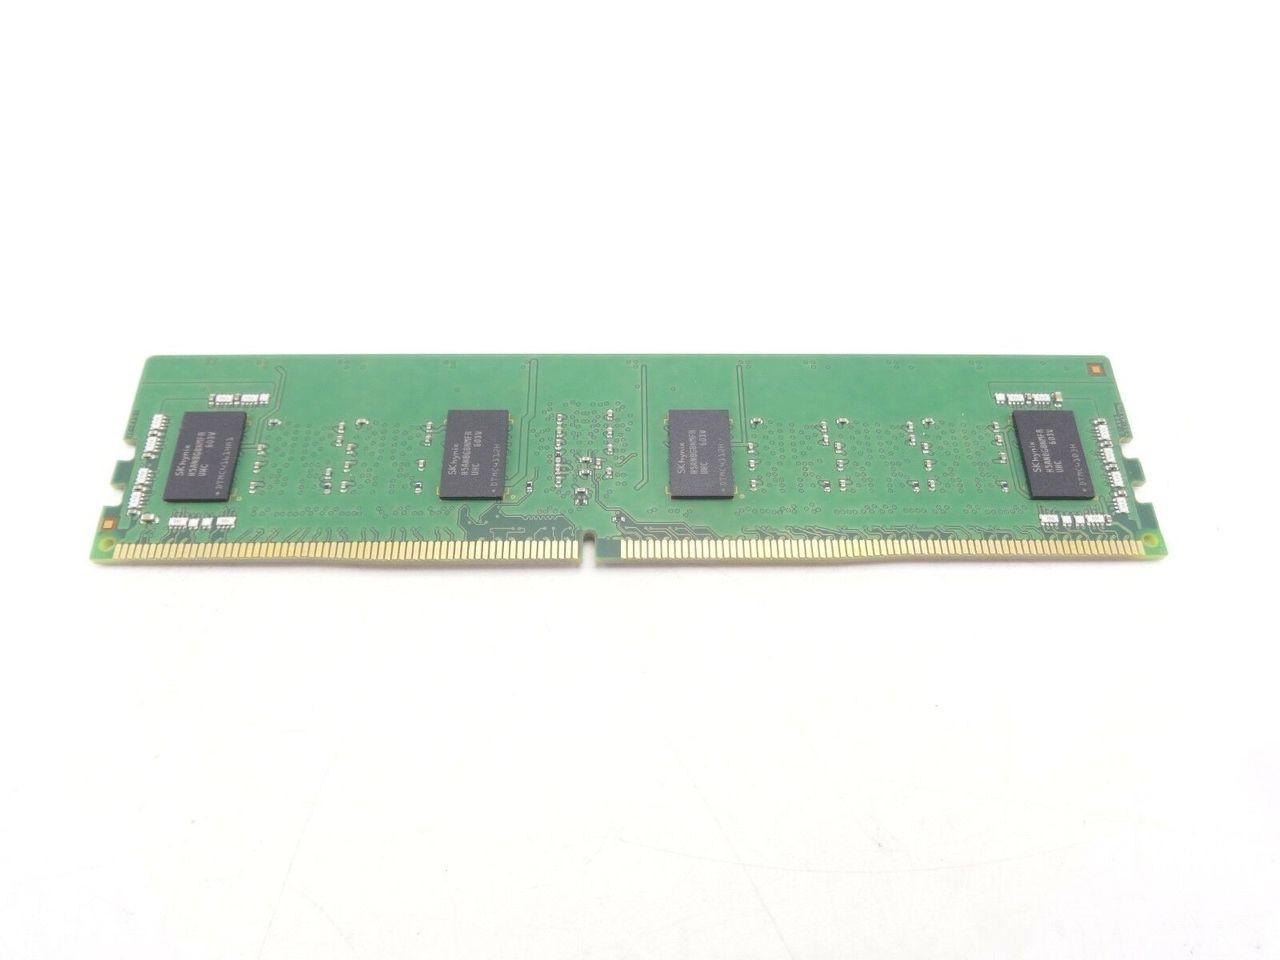 Hynix HMA81GR7MFR8N-UH 8GB 1RX8 PC4 2400T Memory Module